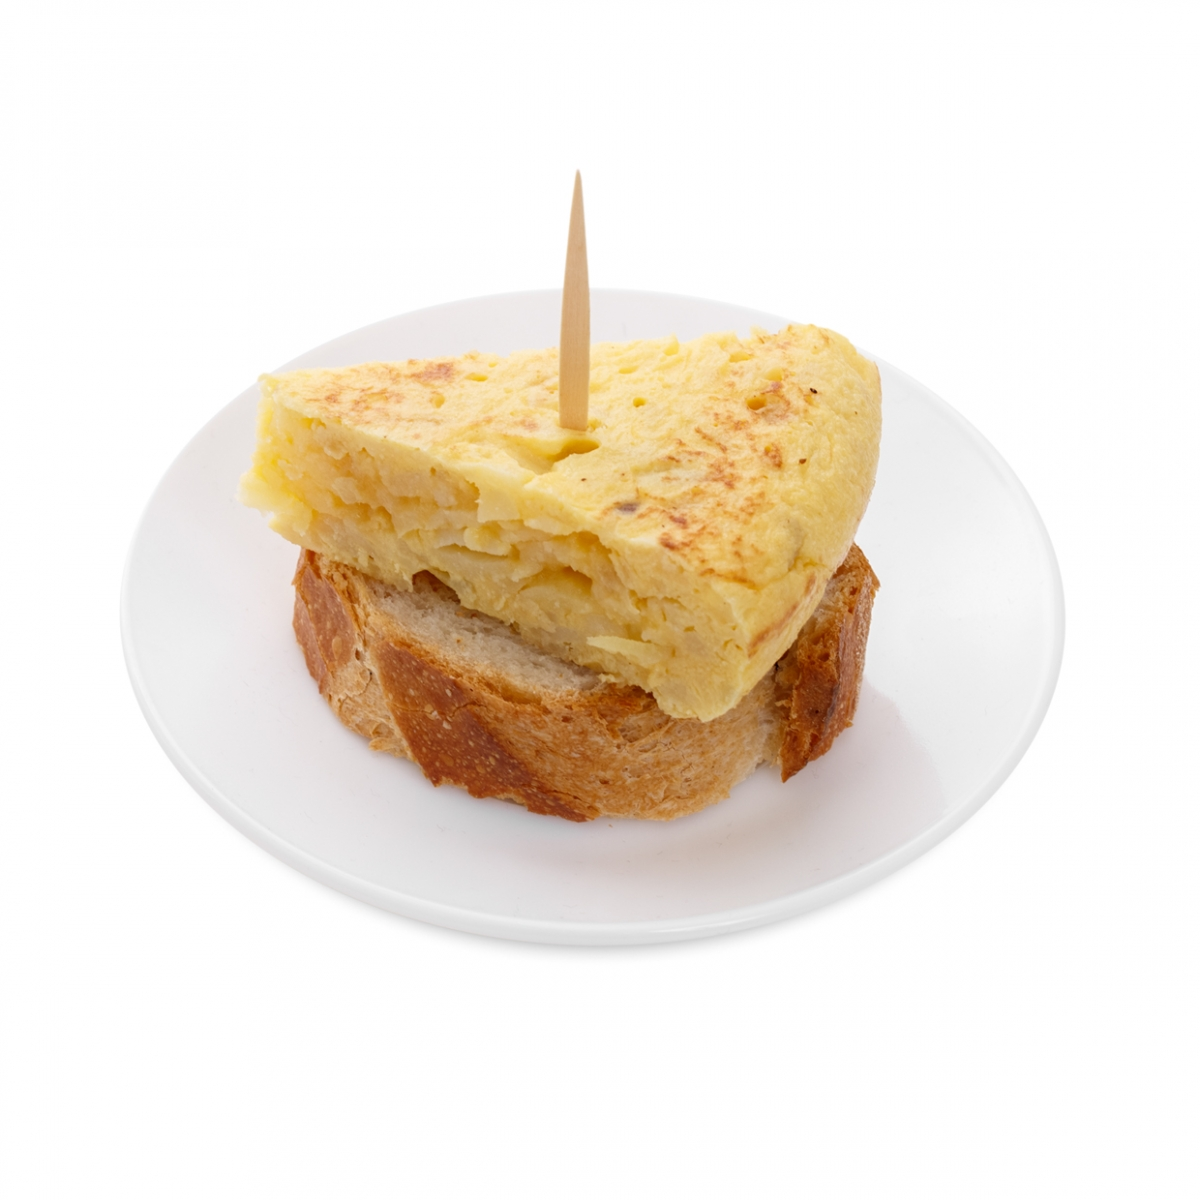 Imagen en la que se ve un pincho de tortilla de patata